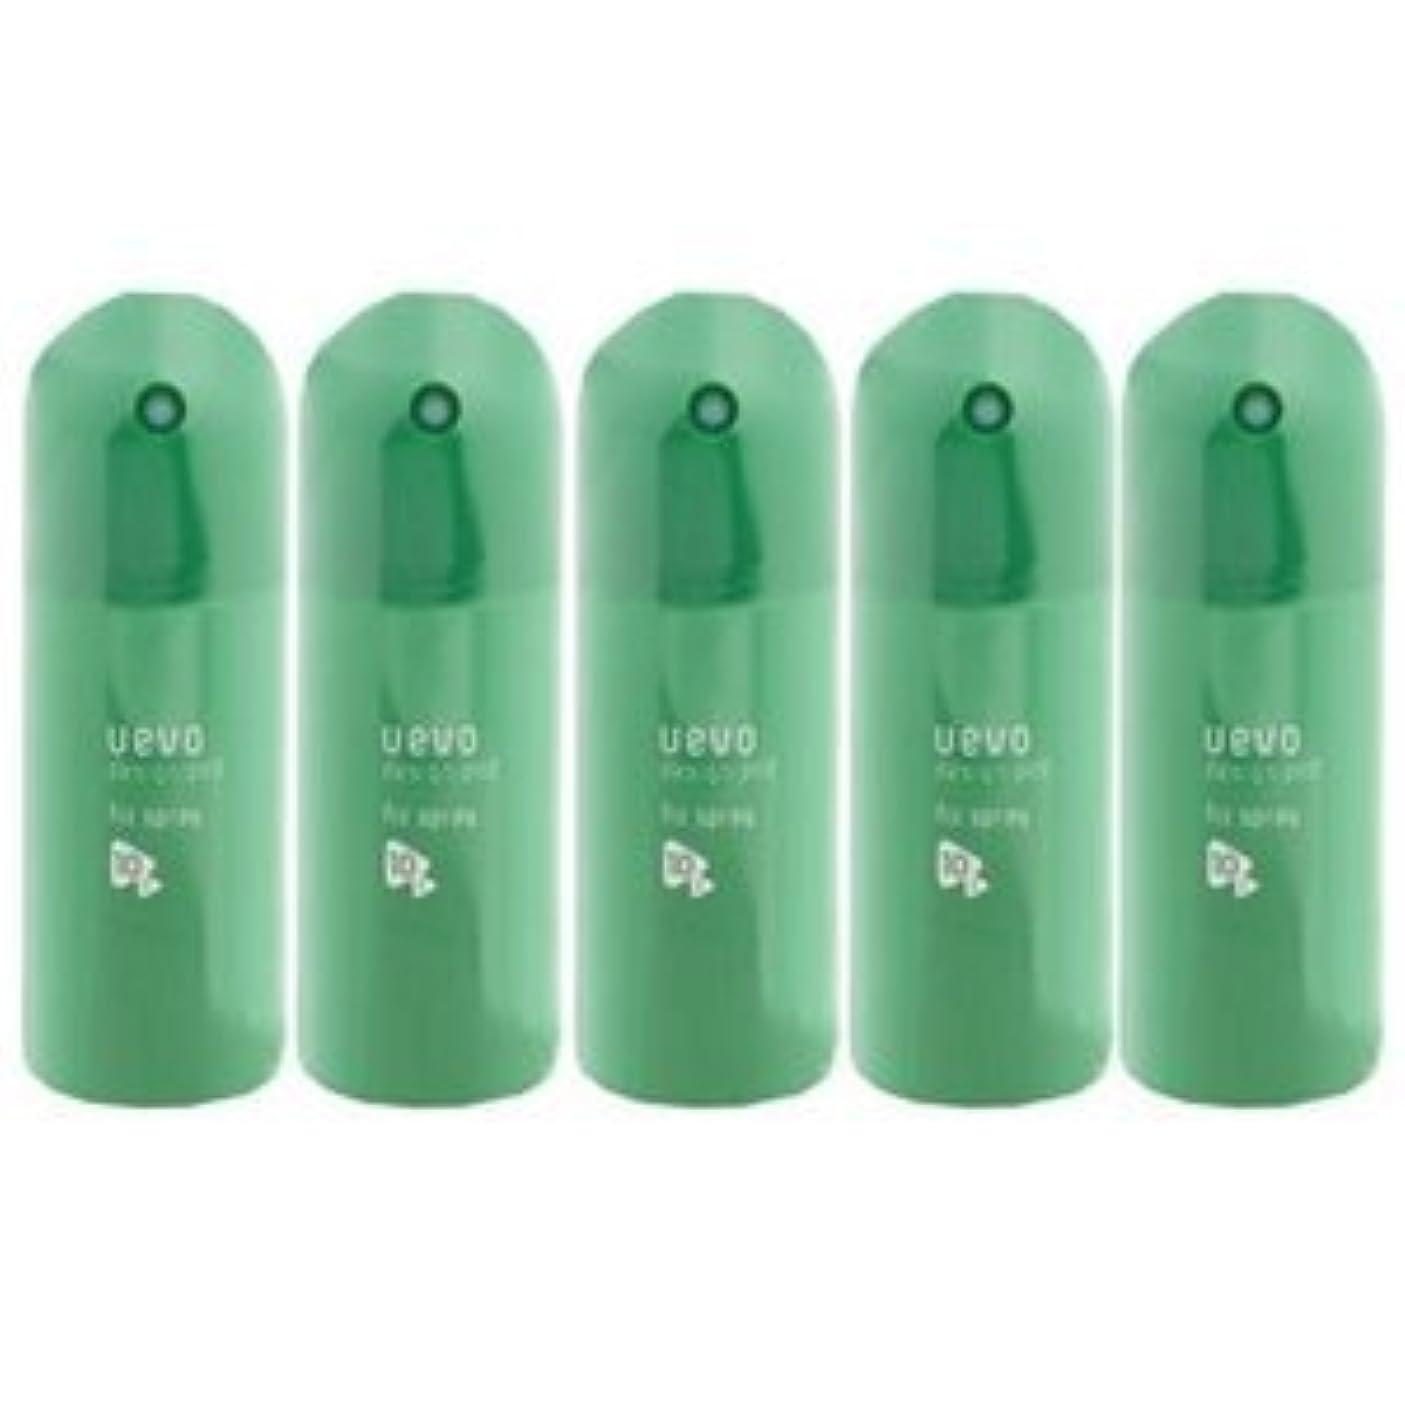 ルネッサンスピケ才能のある【X5個セット】 デミ ウェーボ デザインポッド フィックススプレー 220ml fix spray